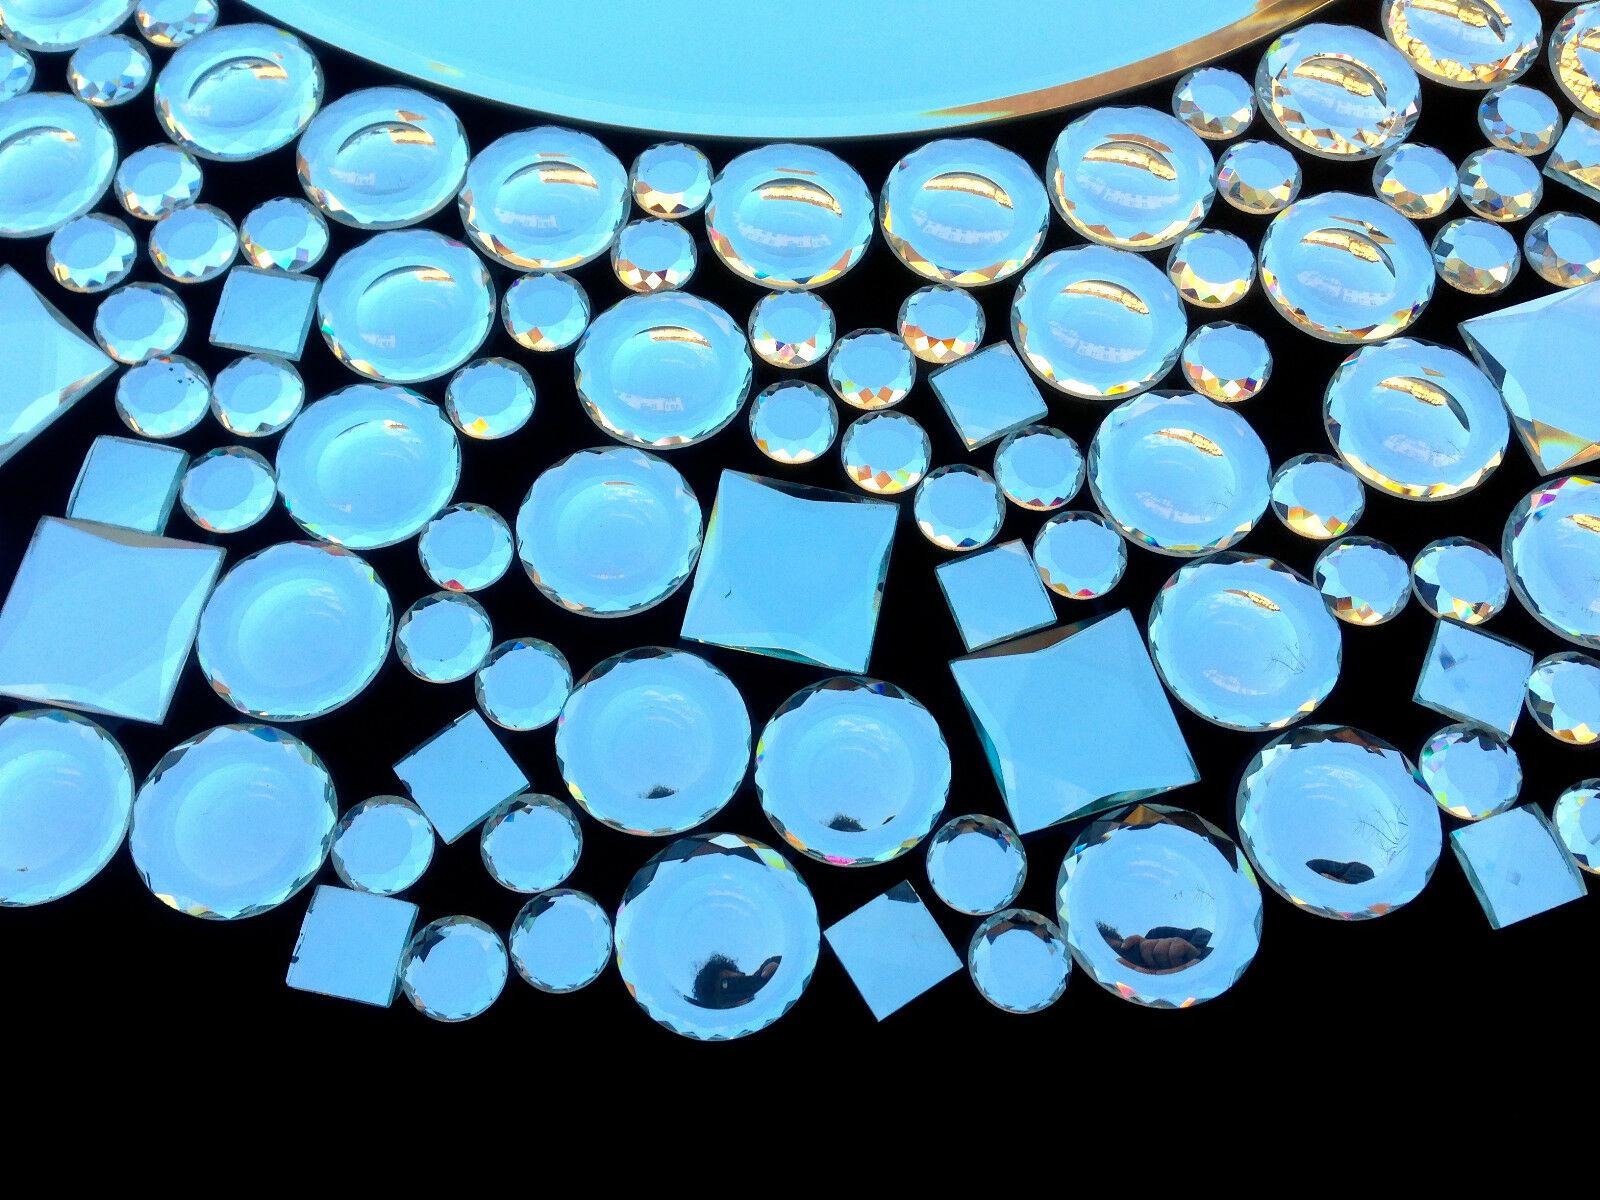 wandspiegel rund xxl glas modern flurspiegel 90x90 spiegel ohne rahmen gro kaufen bei pintici. Black Bedroom Furniture Sets. Home Design Ideas